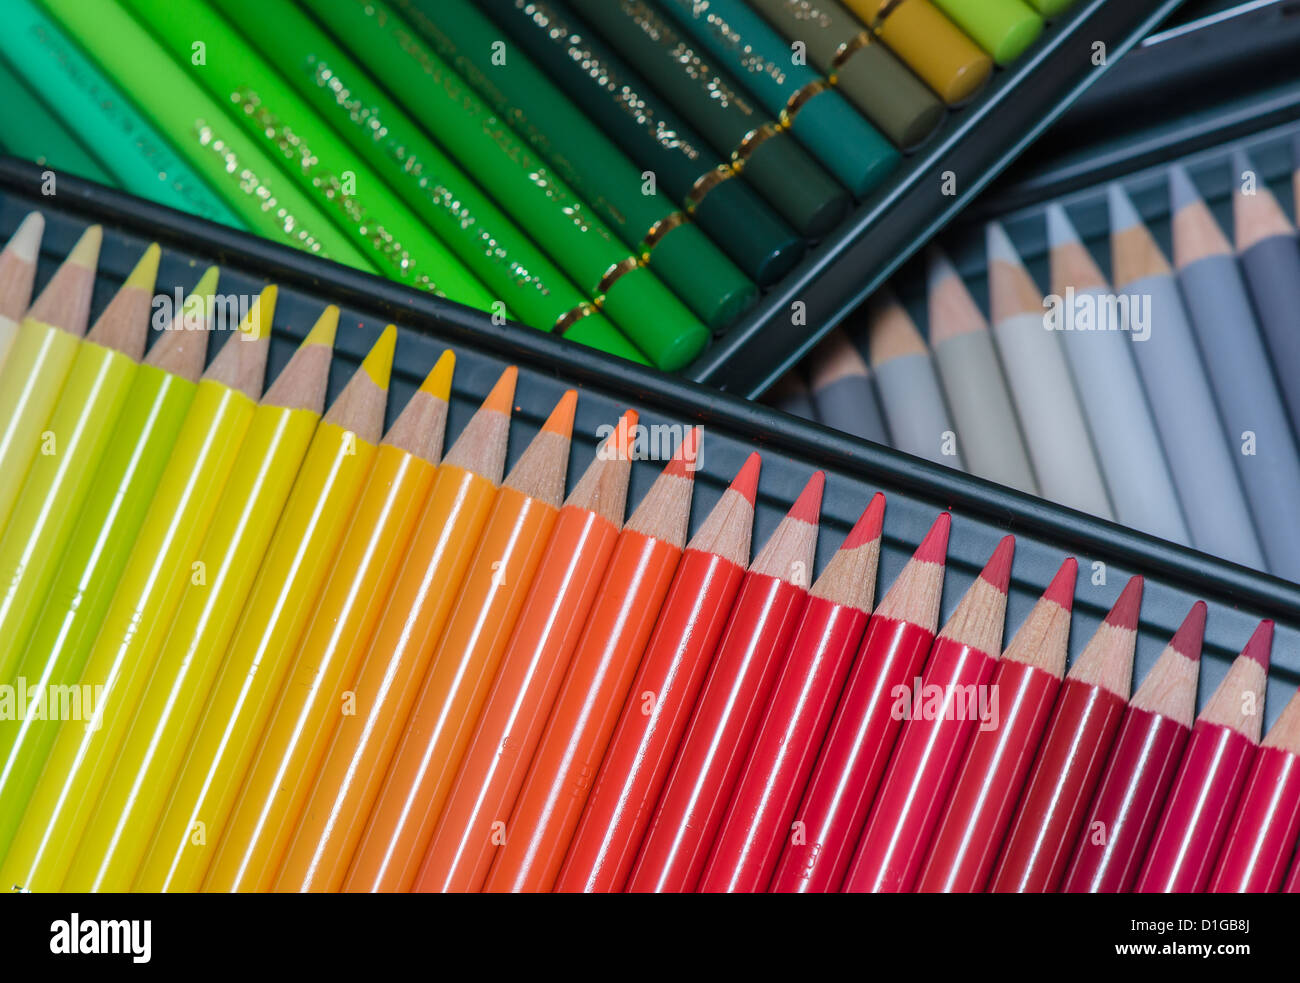 De nombreux crayons de couleur dans une boîte assortis Photo Stock